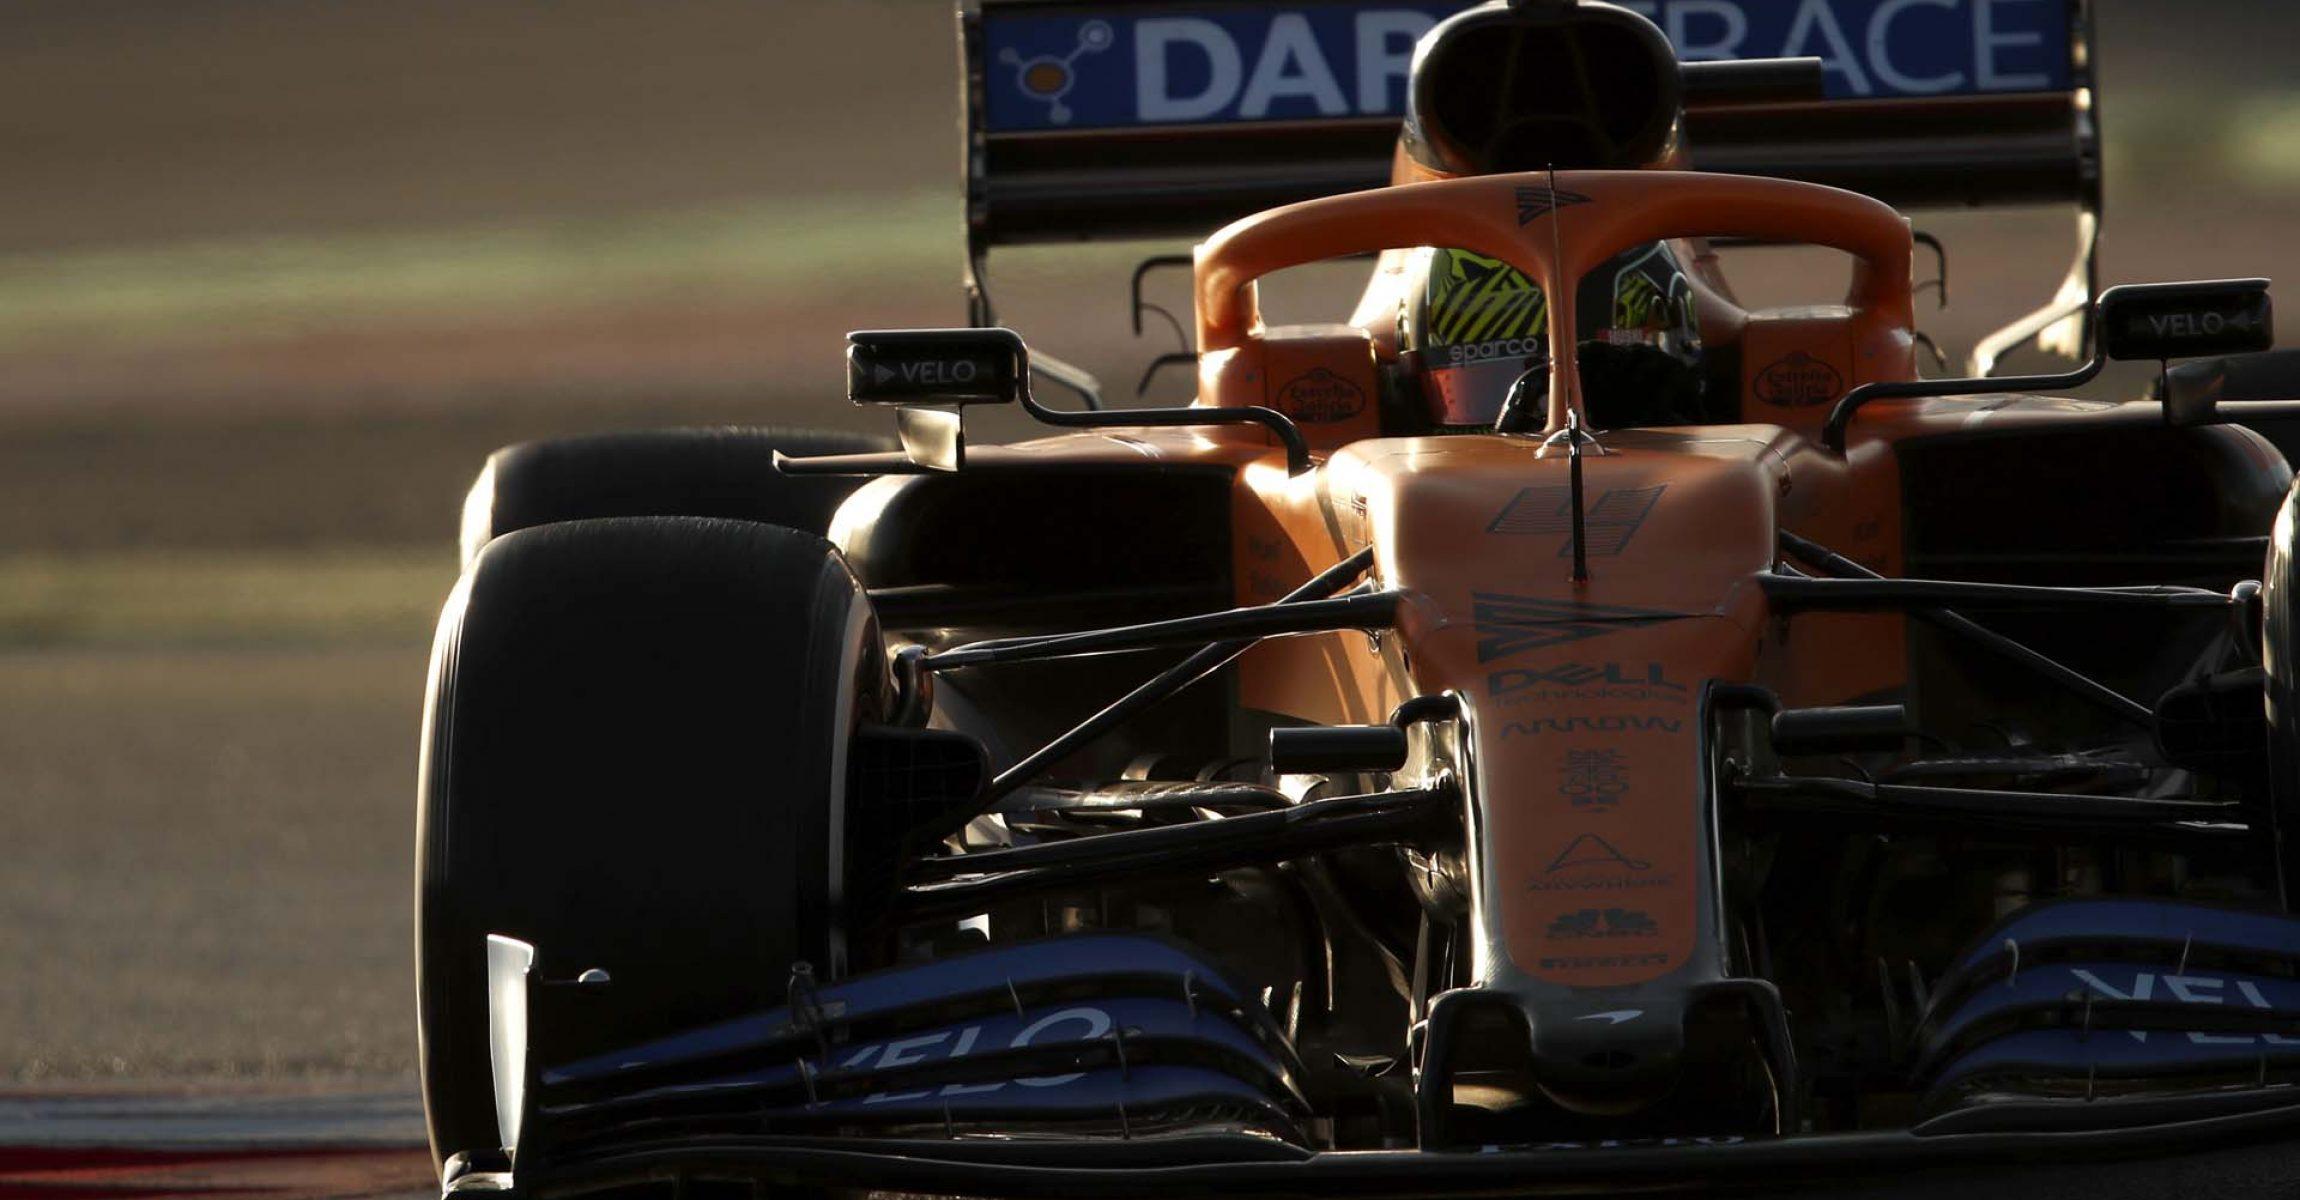 Lando Norris, McLaren MCL35, negotiates a chicane